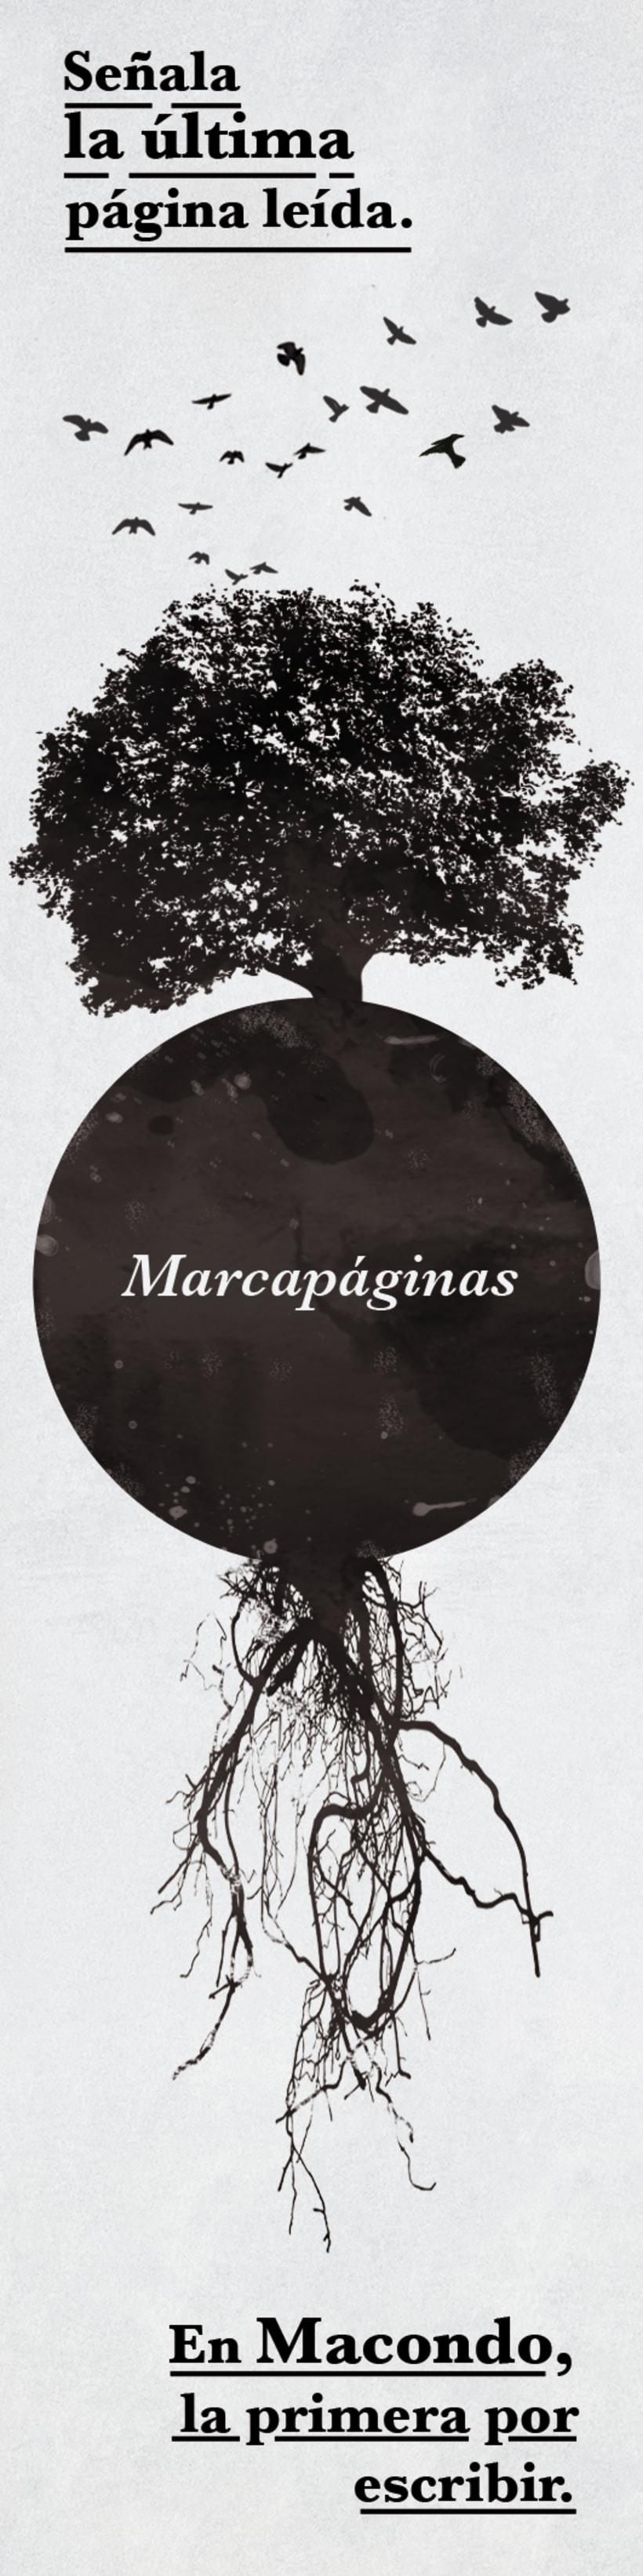 Macondo y otros paisajes escritos 3